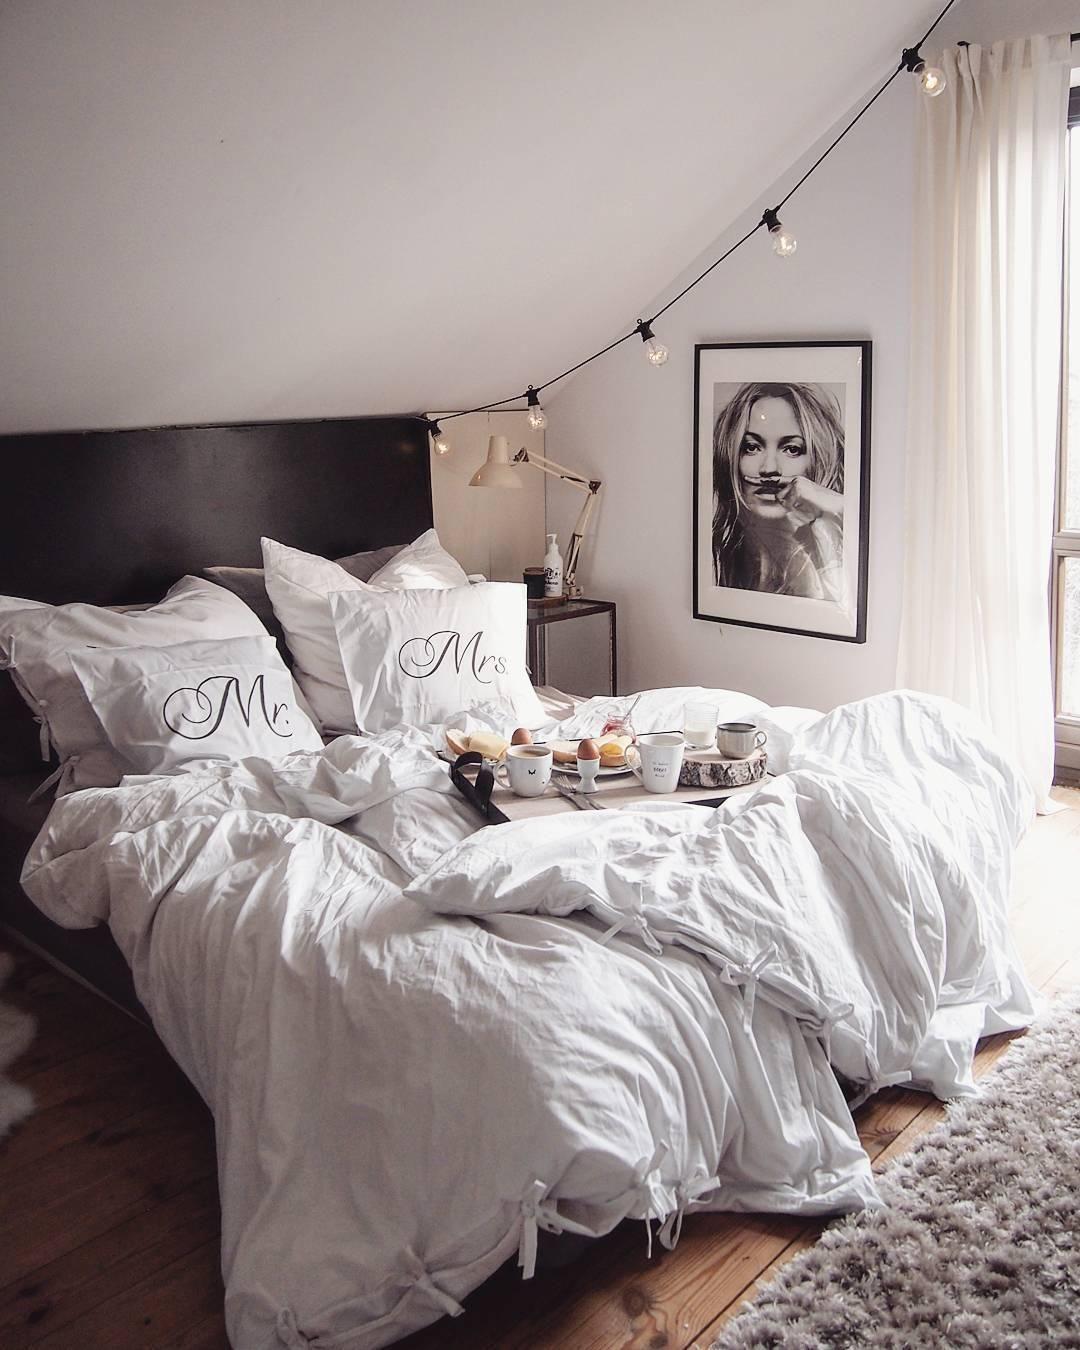 white dreams f r einen erholsamen schlaf wie geschaffen ist diese harmonische bettw sche aus. Black Bedroom Furniture Sets. Home Design Ideas